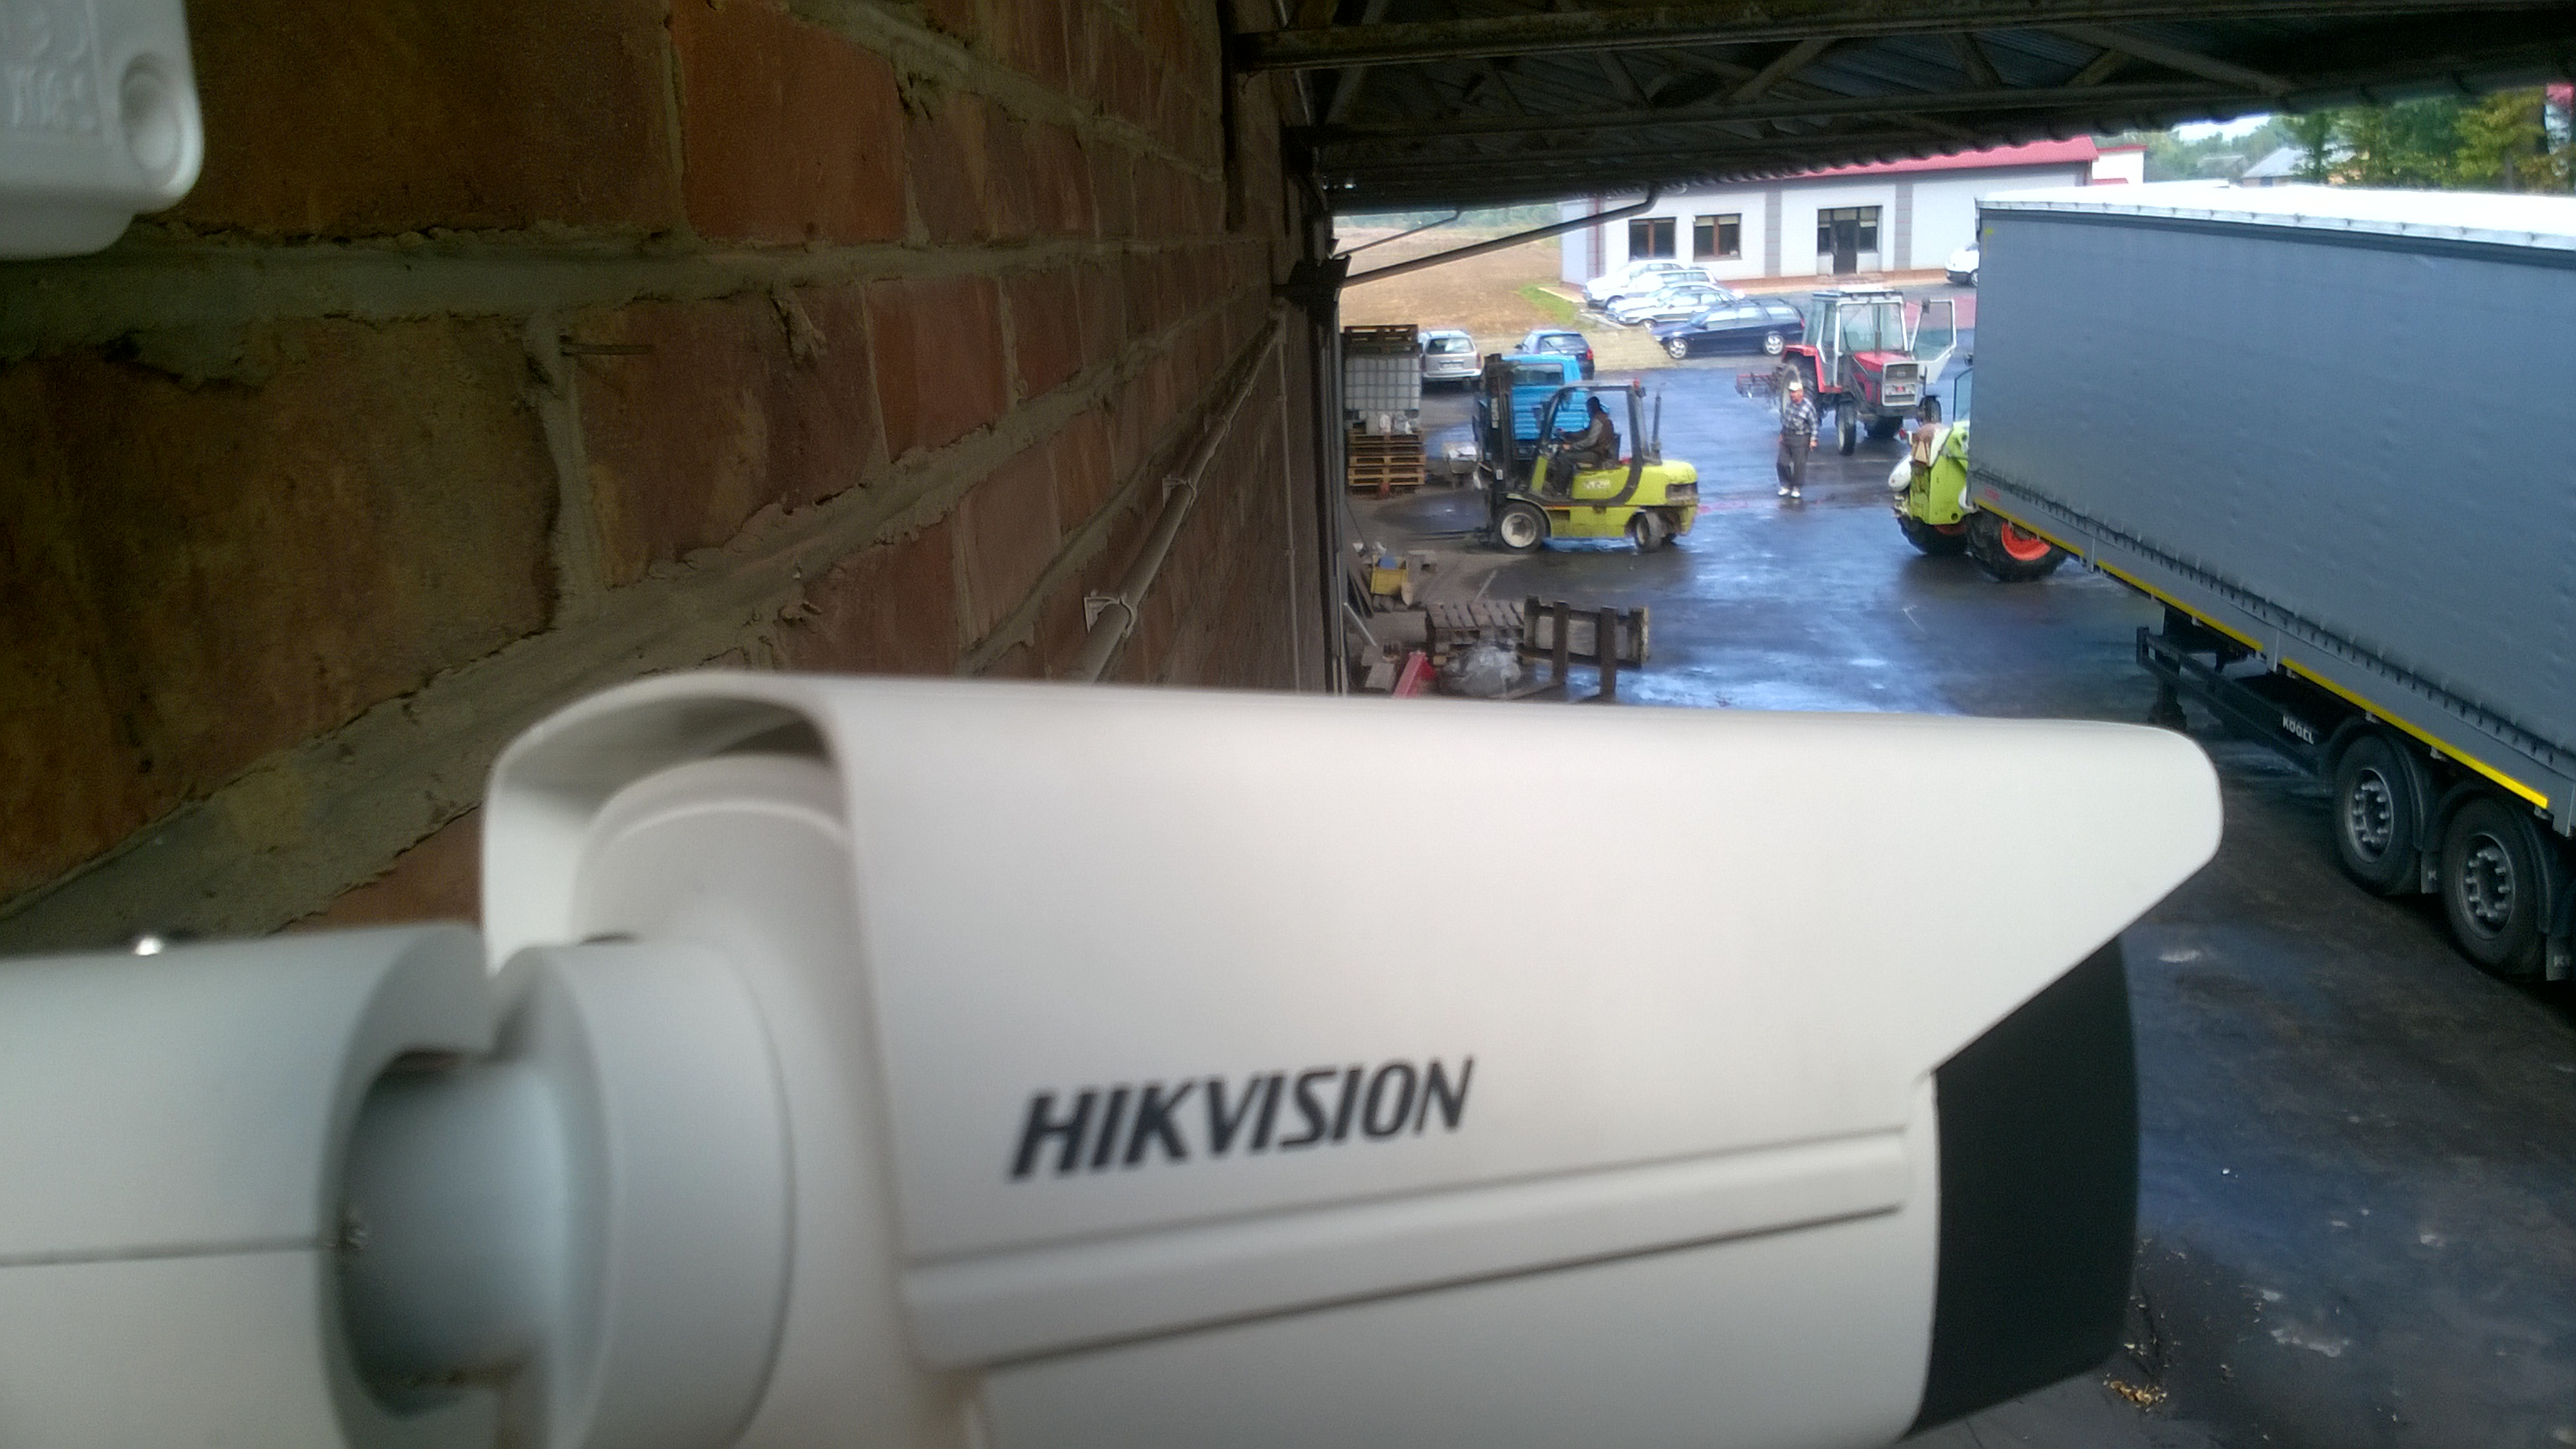 monitoring-bilgoraj-monitoring-zamosc-monitoring-krasnik-monitoring-janow-lubelski-monitoring-gospodarstwa-rolnego-monitoring-chelm-monitoring-lezajsk-6-infomech-monitoring-wizyjny-systemy-zabezpiec